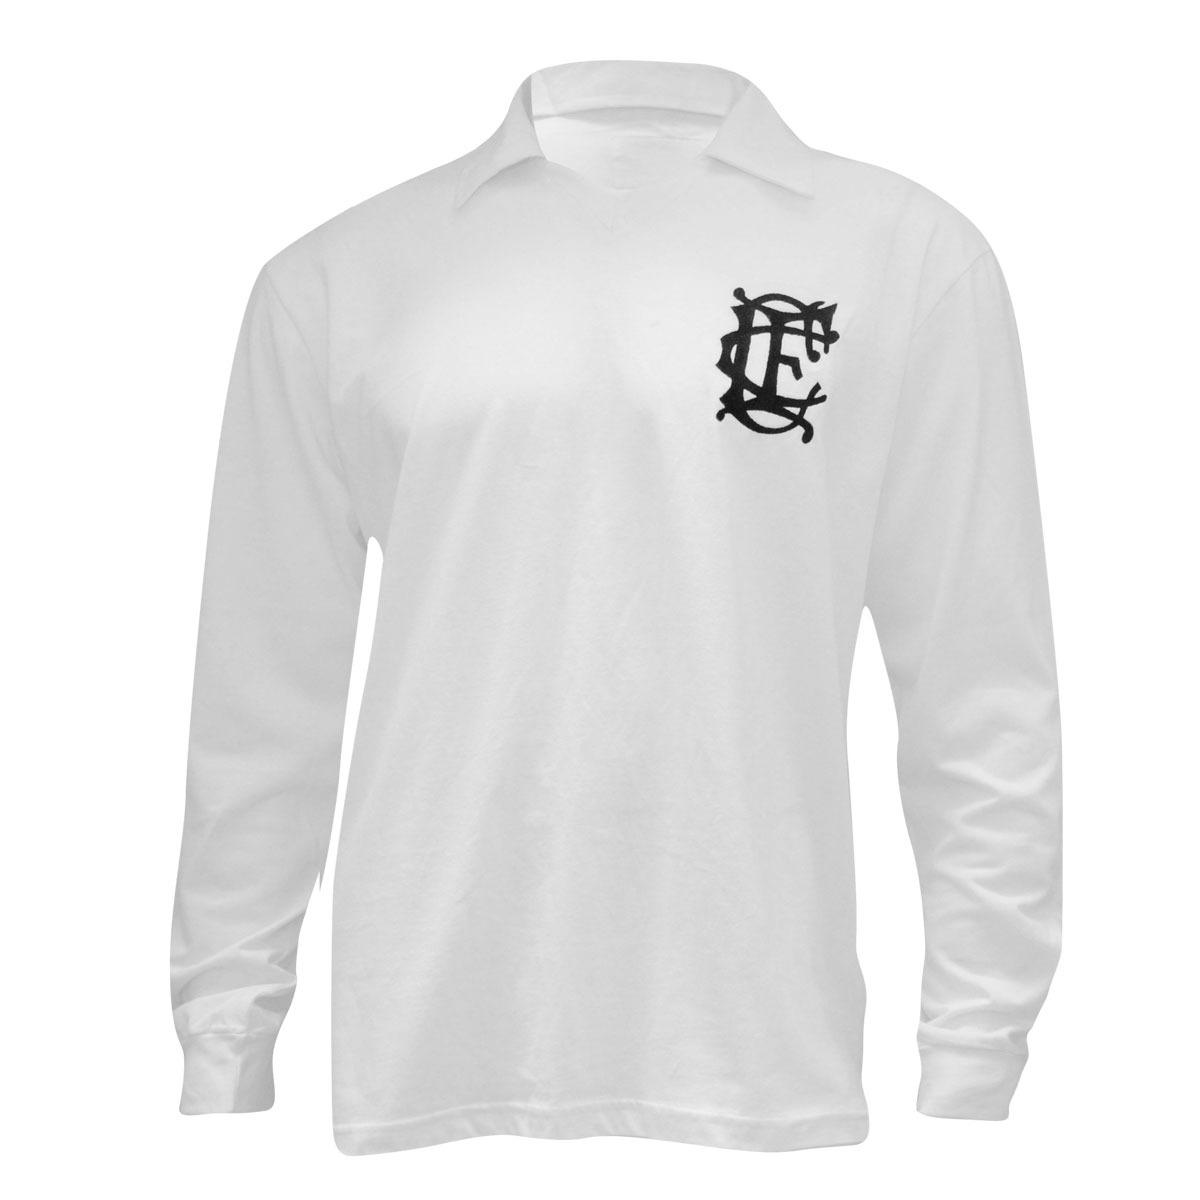 1494ceb368a40 camiseta retrô corinthians- liga retrô - branca 1910 manga l. Carregando  zoom.